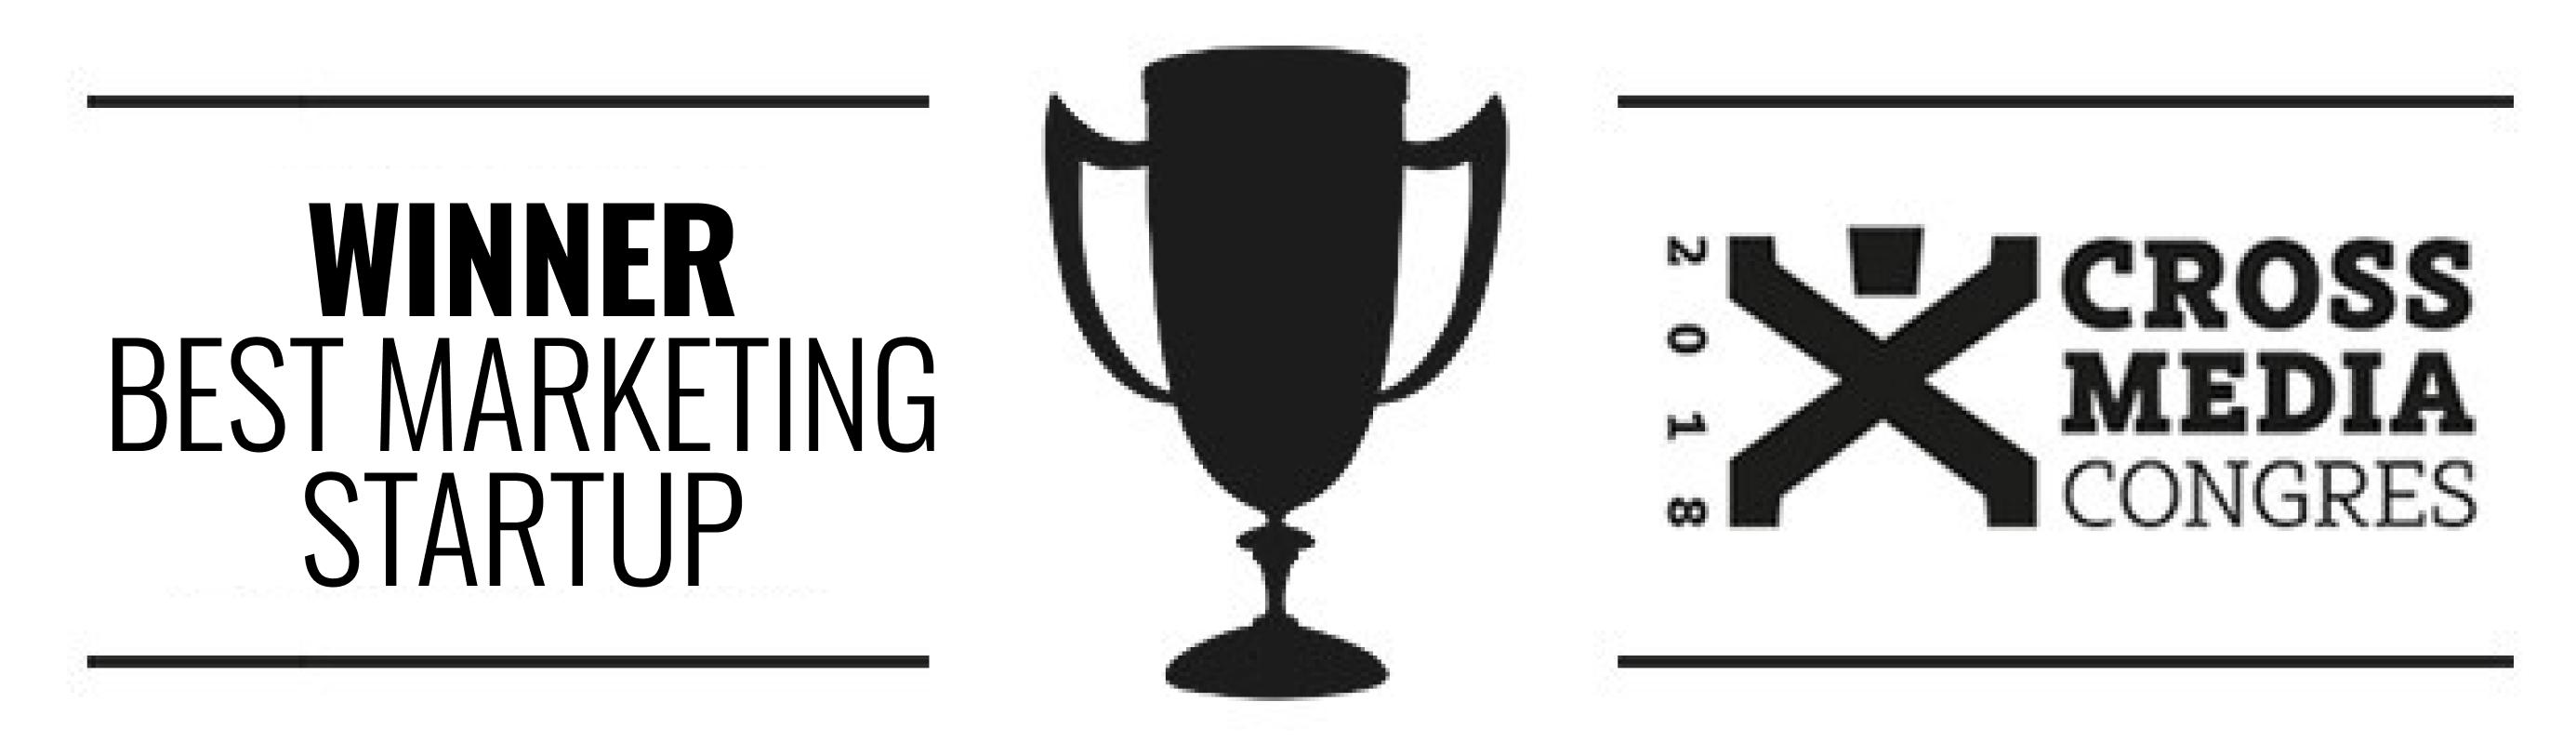 Gewinner des besten Marketing-Startups 2018